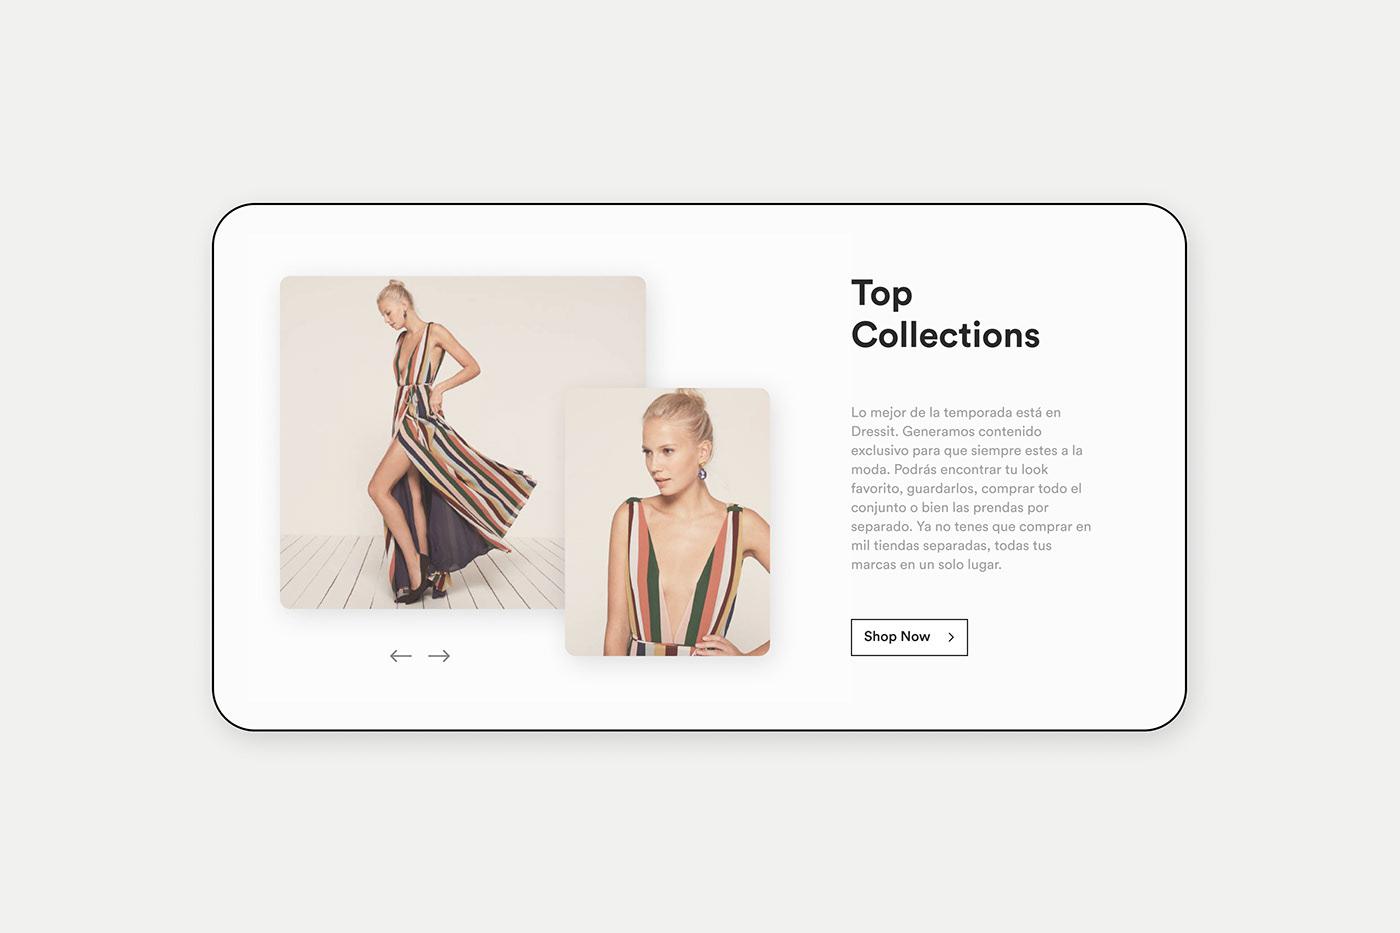 Diseño web, shopping online de moda. Fashion style.